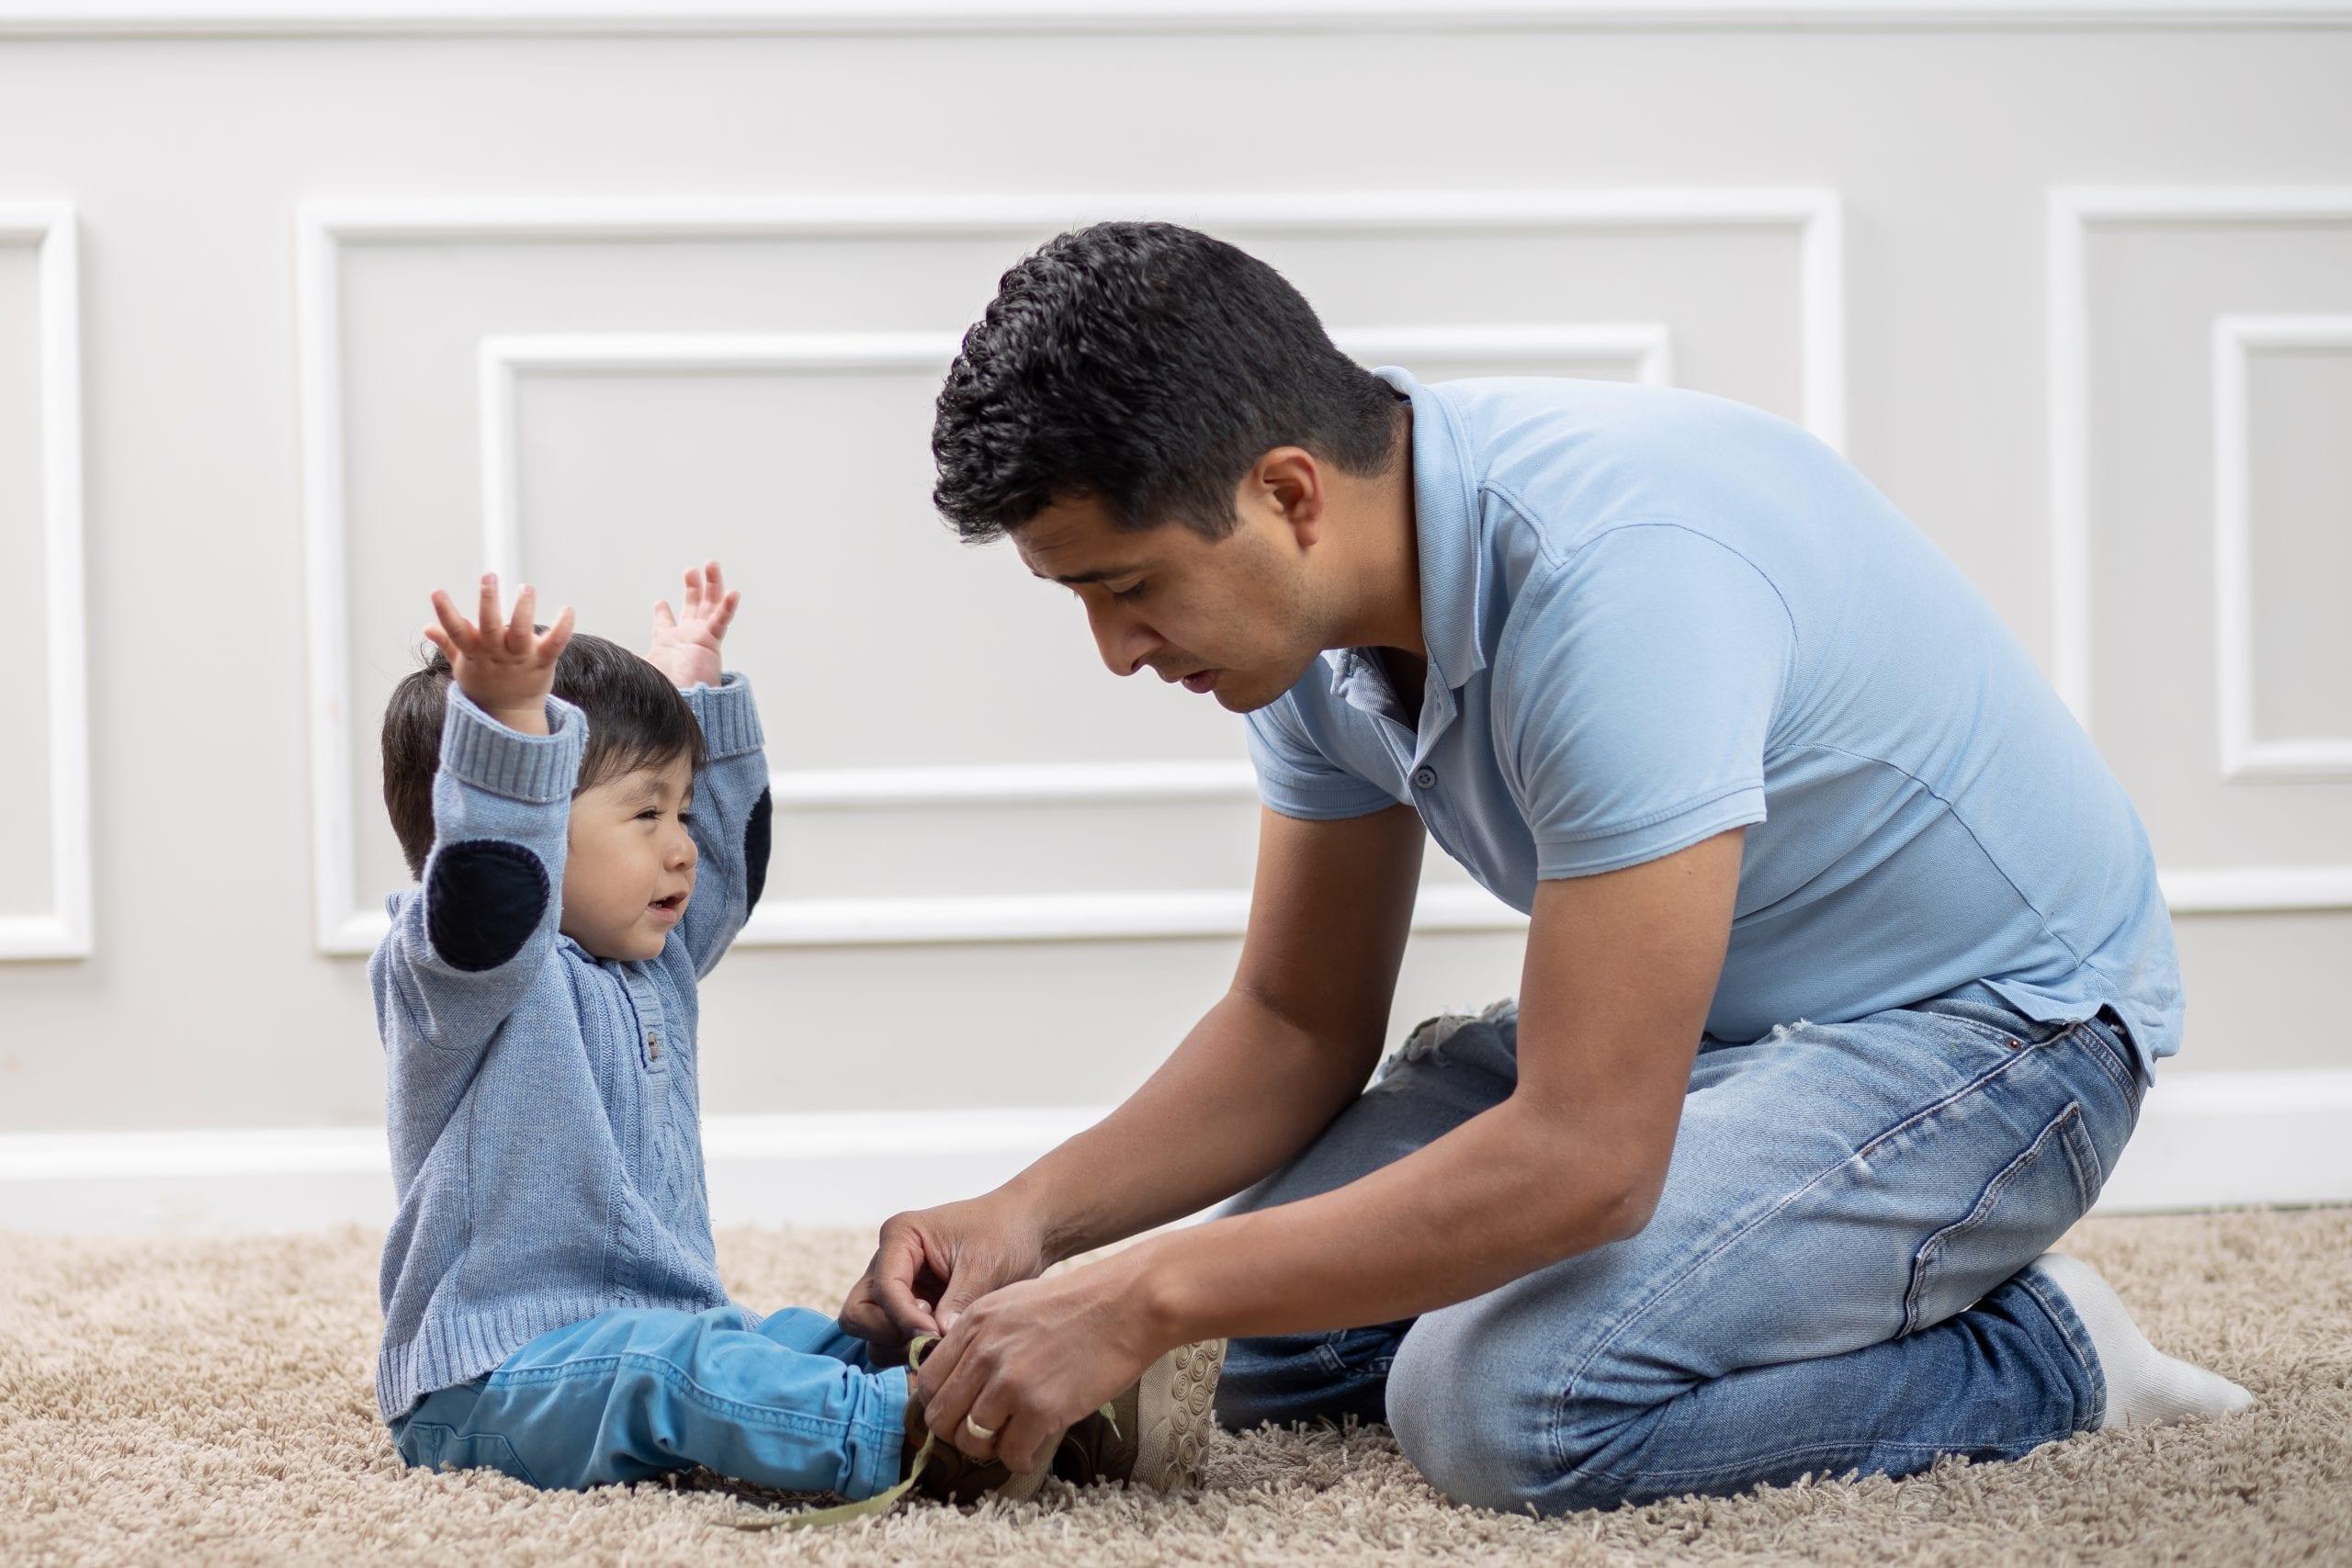 Fatherhood & Masculinity